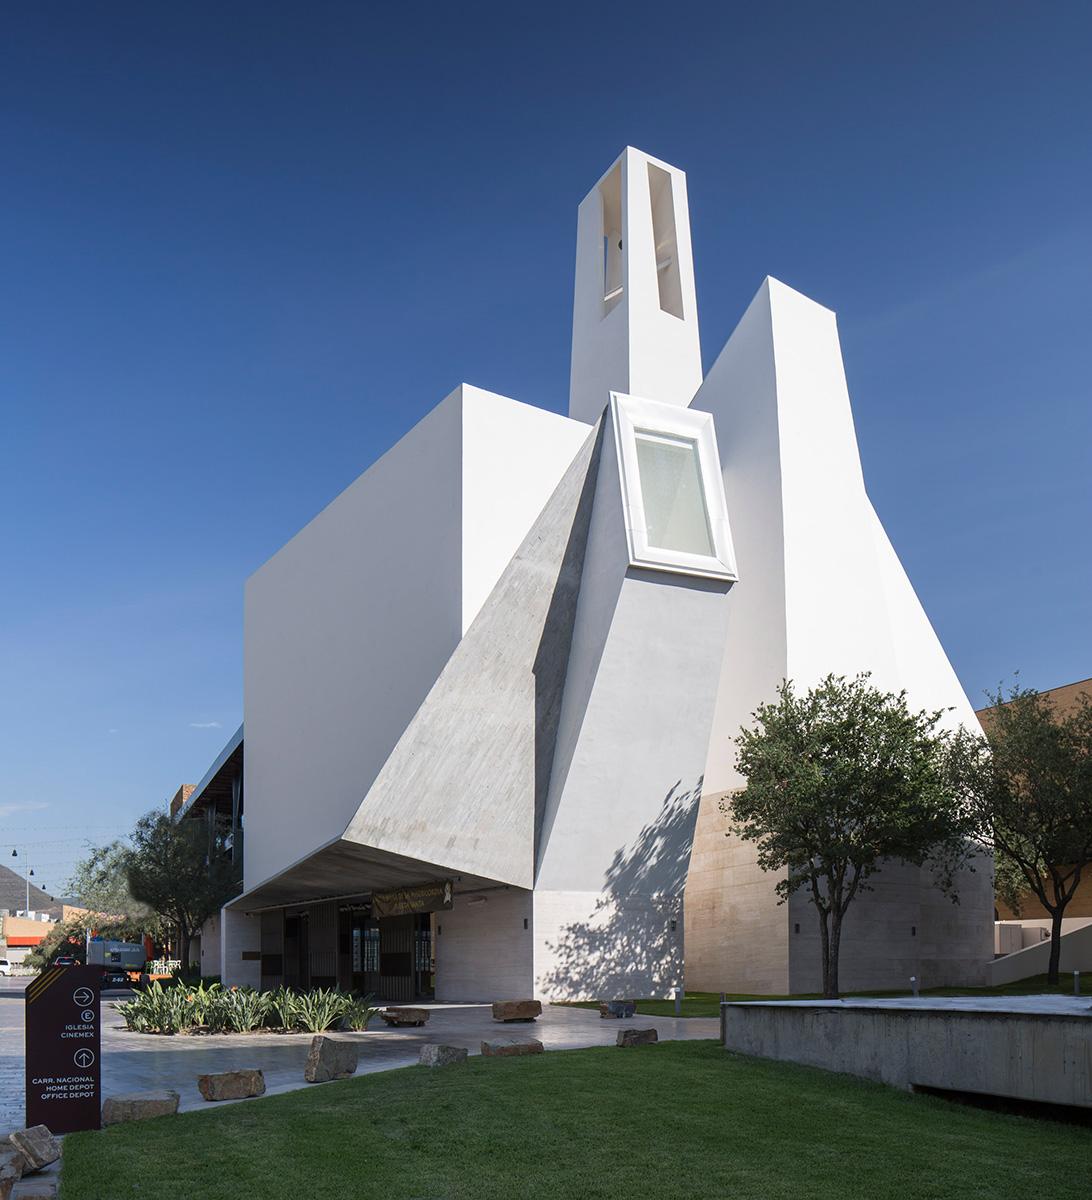 03-iglesia-senor-la-misericordia-moneo-brock